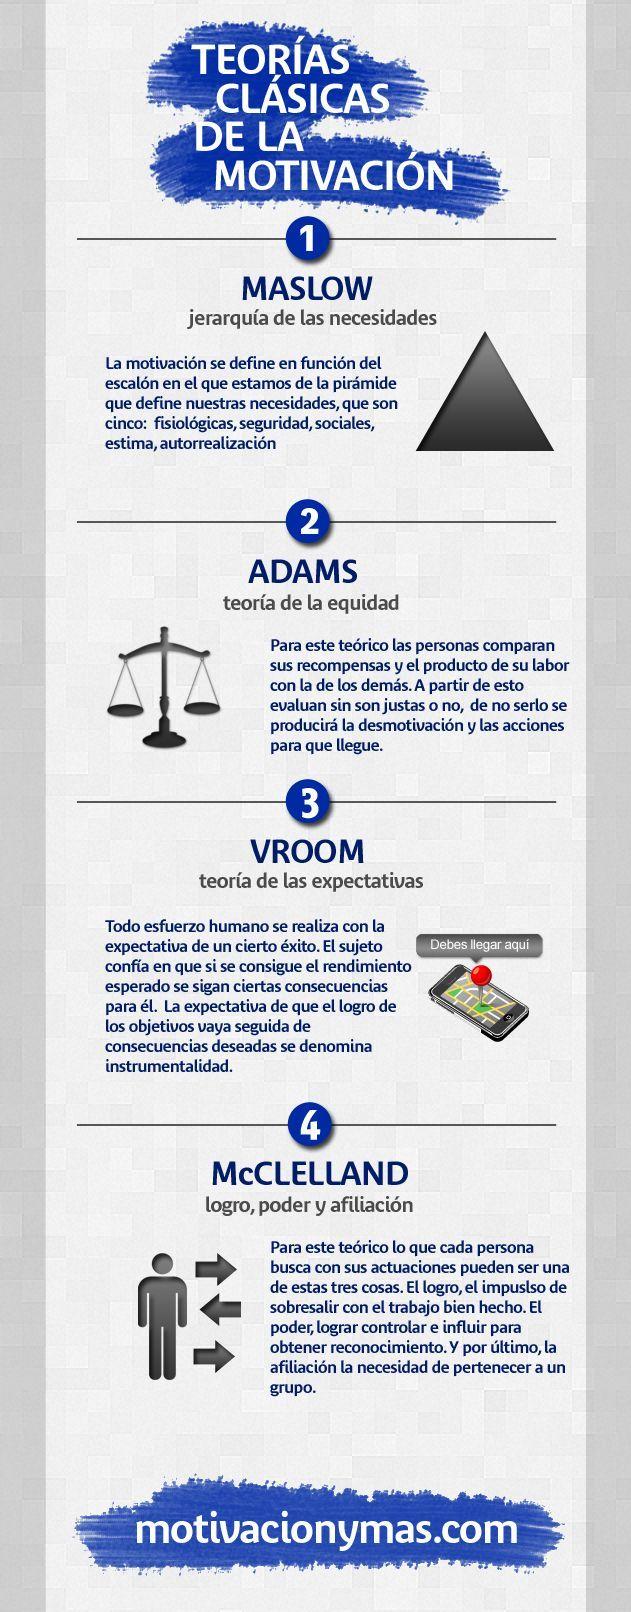 Motivación4TeoríasClásicas-Infografía-BlogGesvin